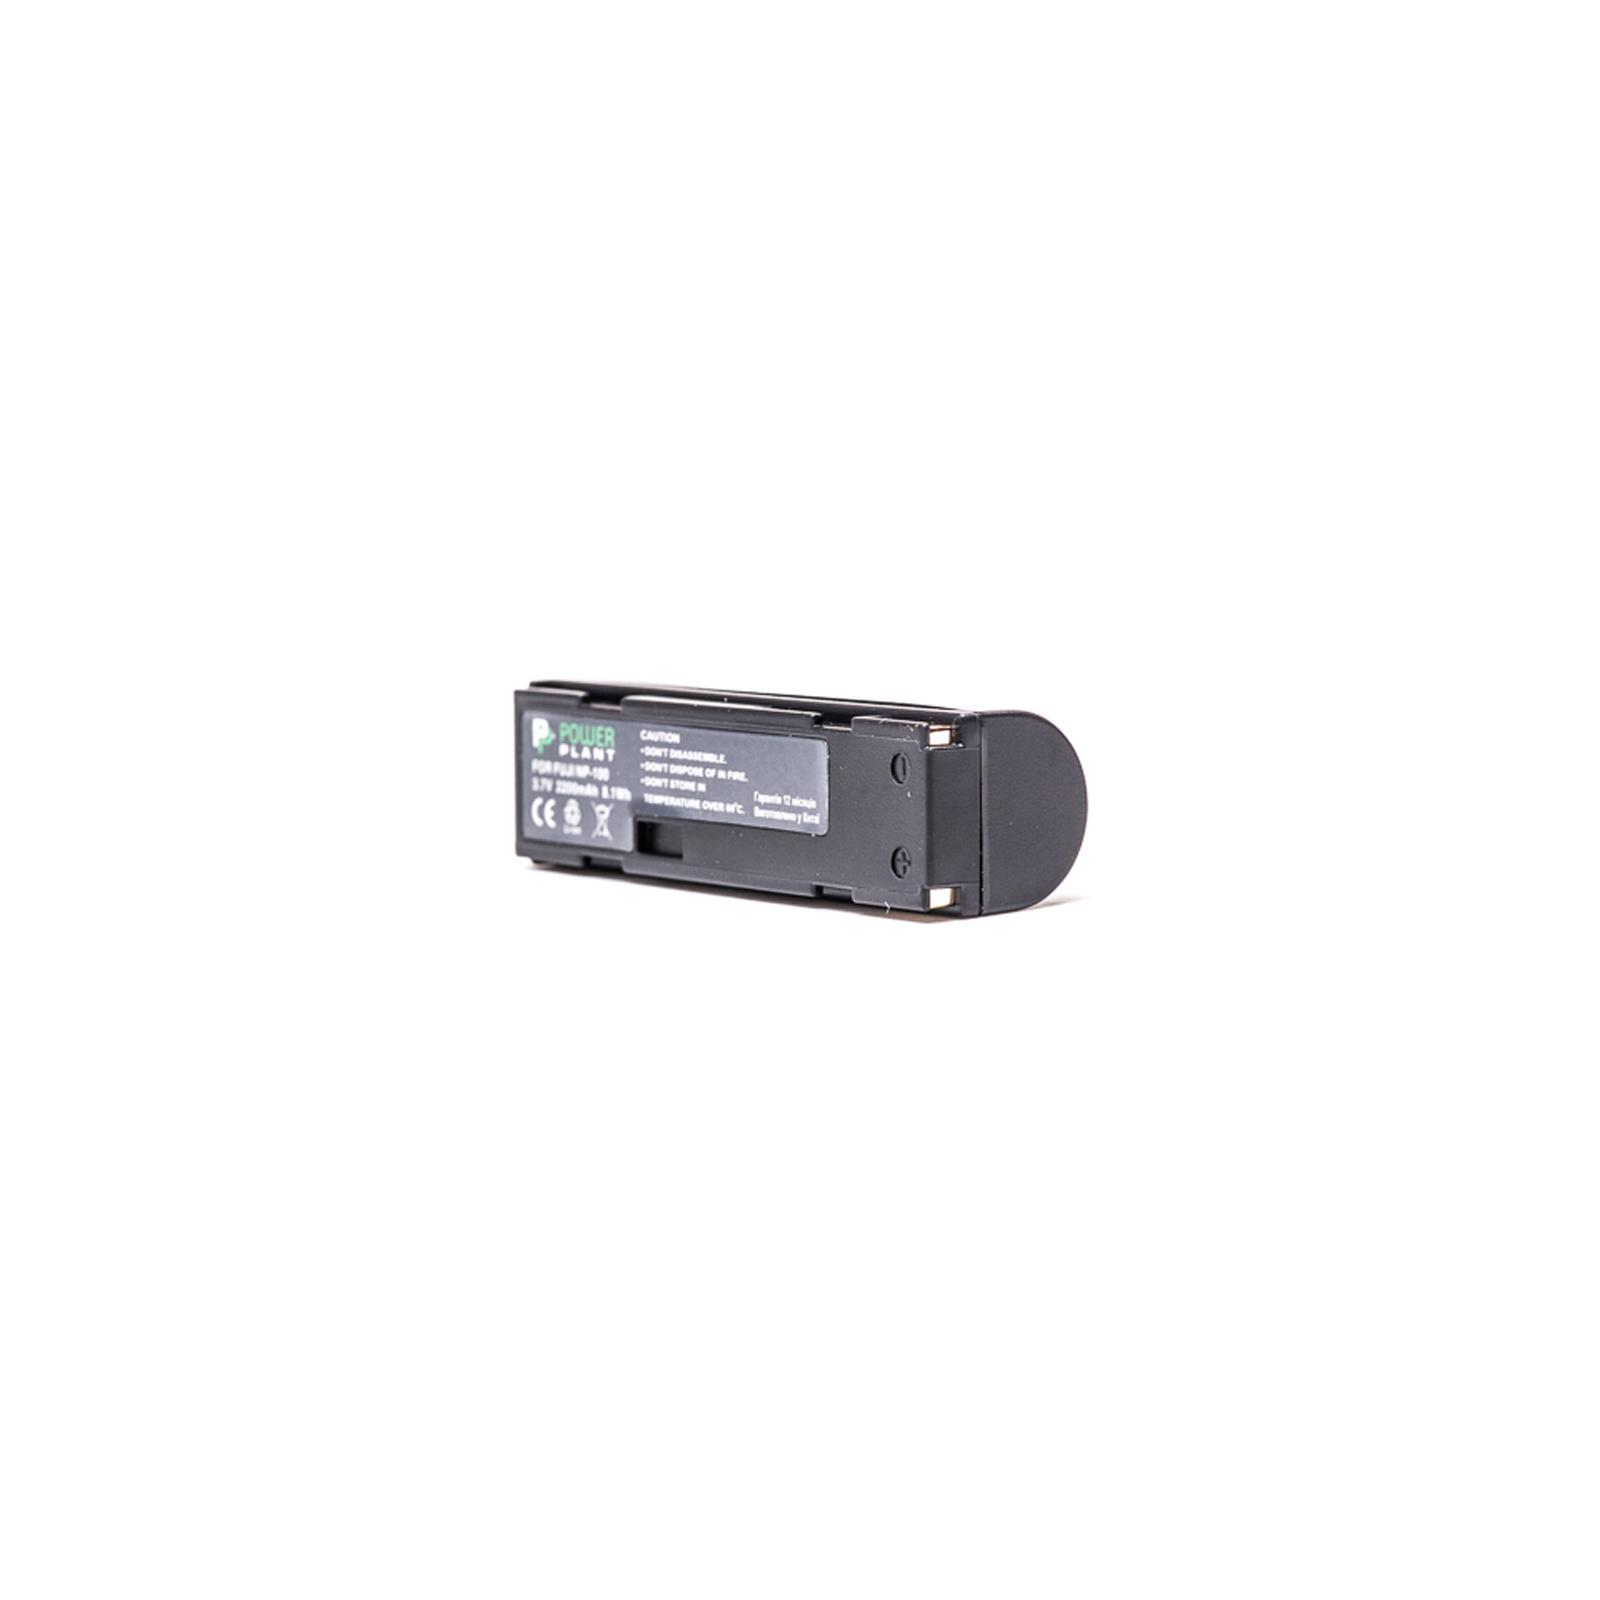 Аккумулятор к фото/видео PowerPlant Fuji NP-100 (DV00DV1049)